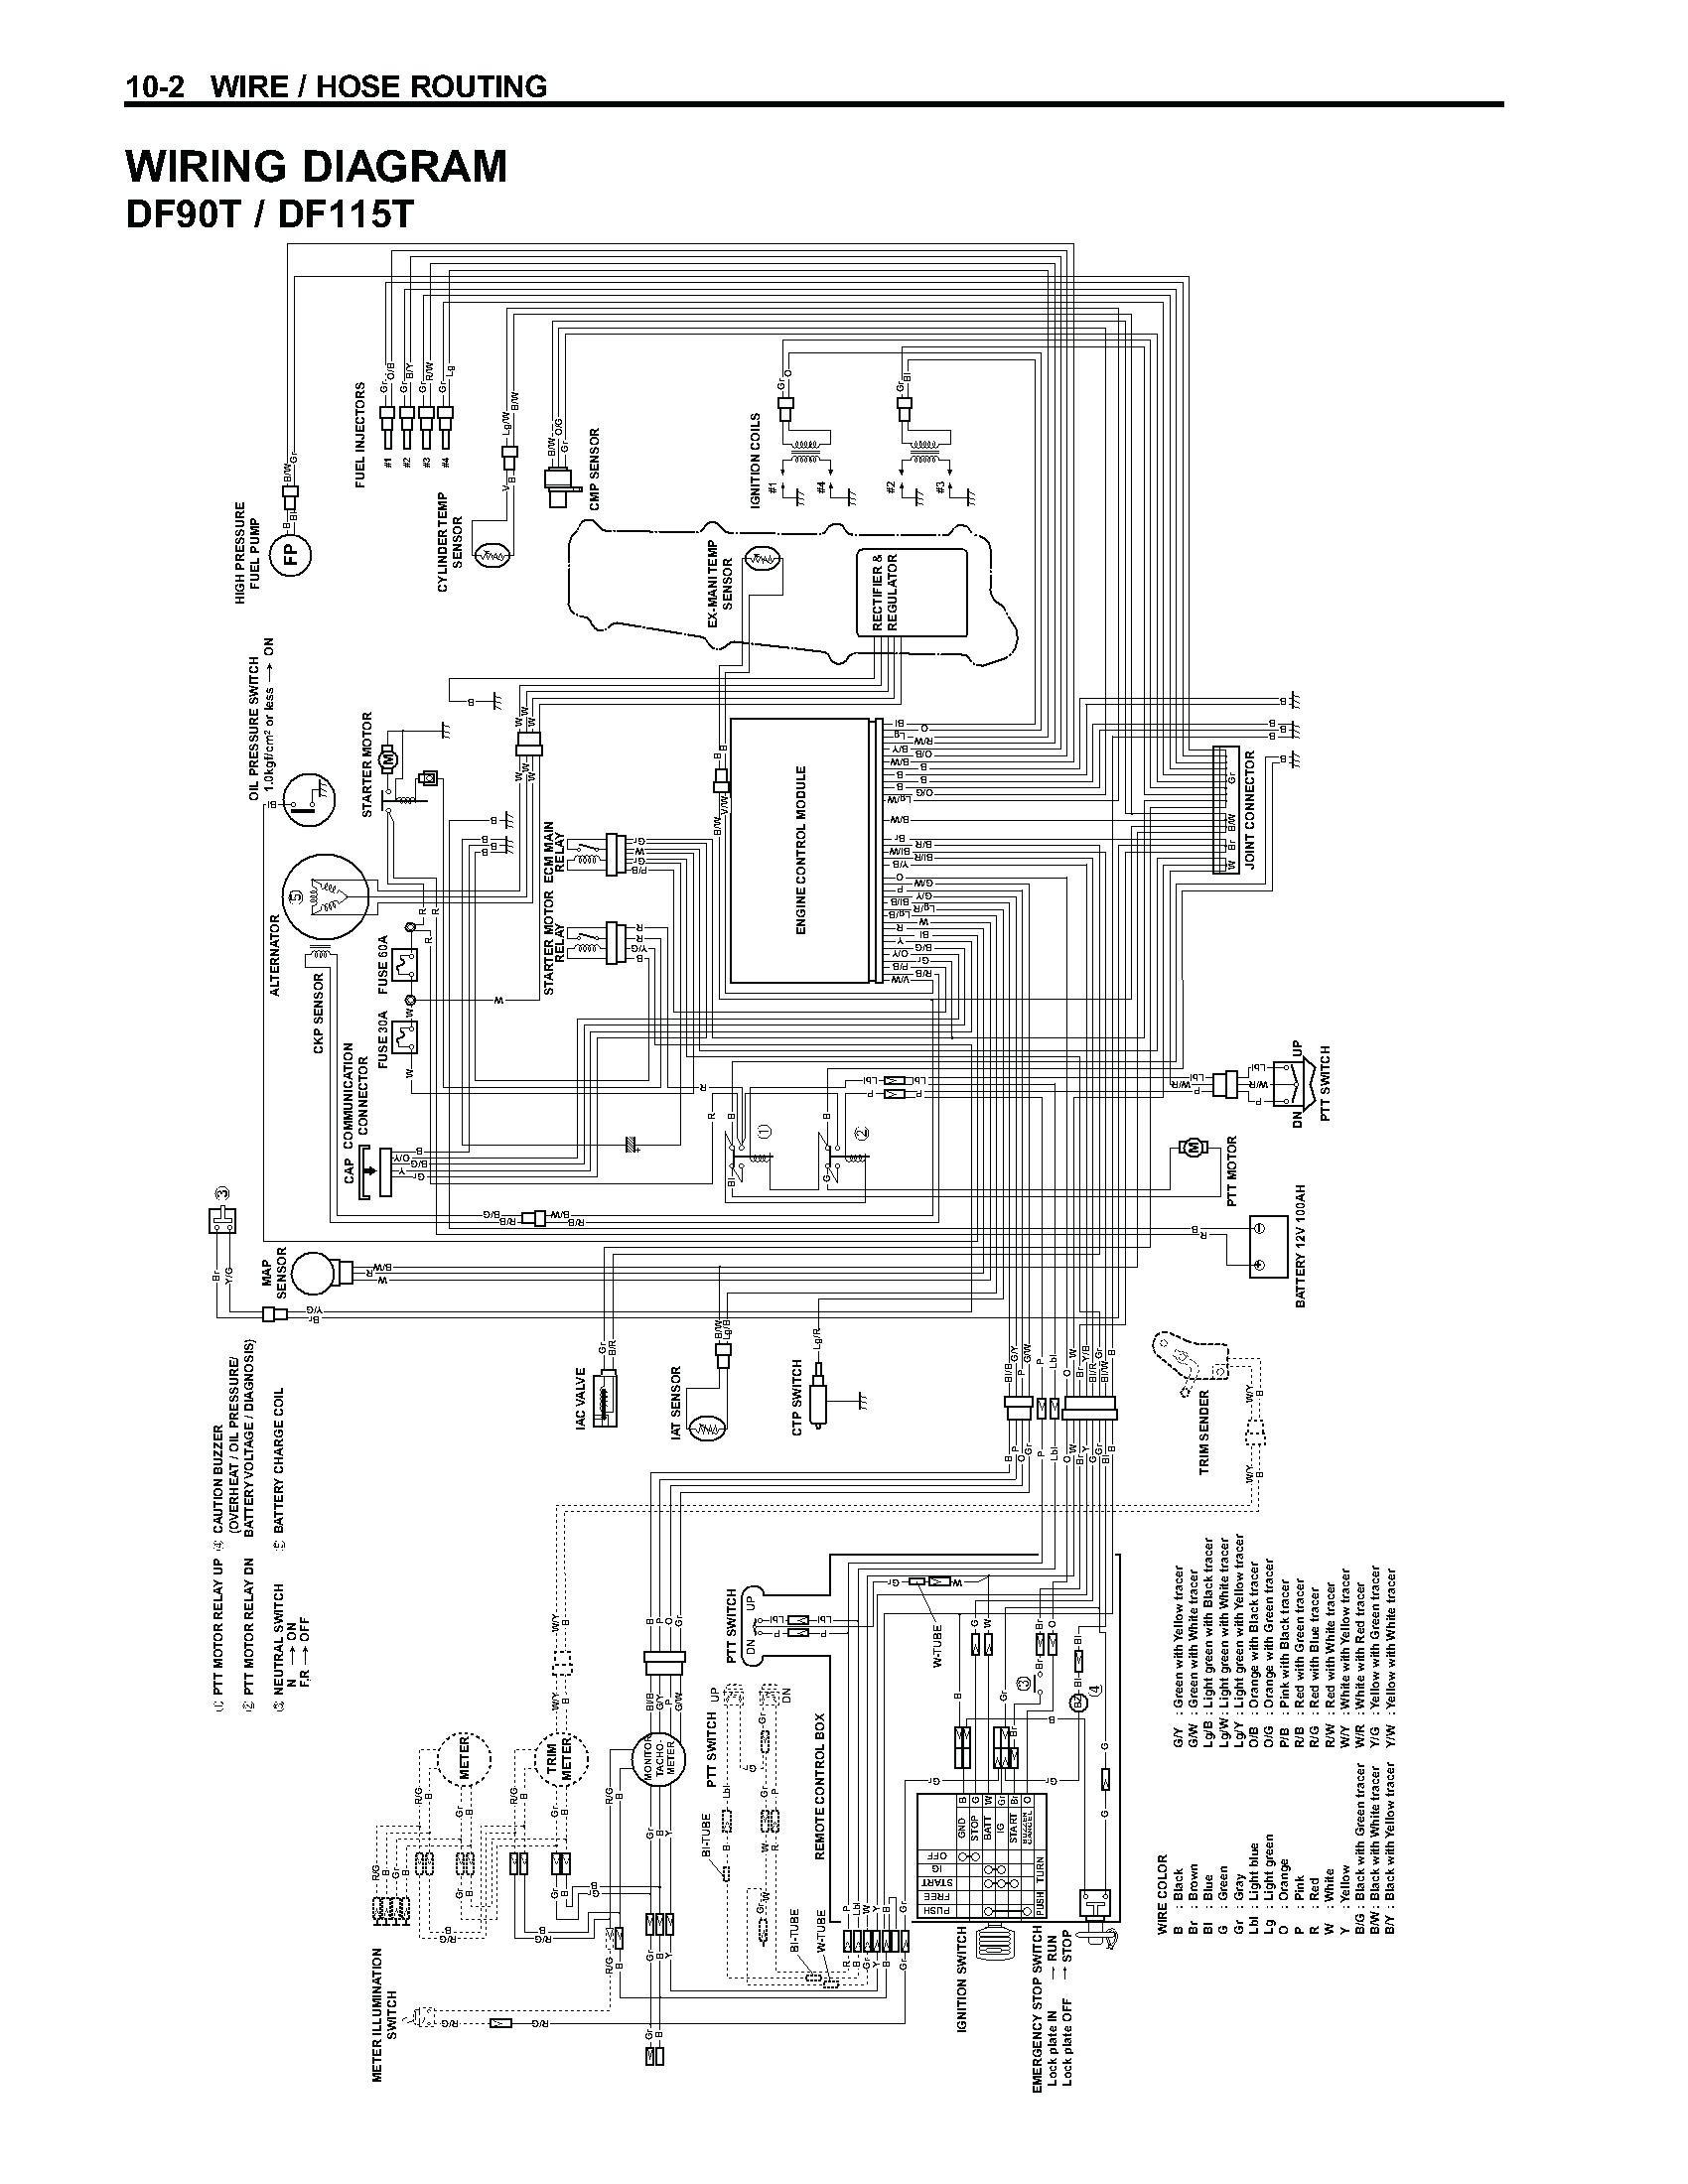 yamaha 90tlr wiring diagram wiring diagram toshiba wiring diagram yamaha 90tlr wiring diagram #2